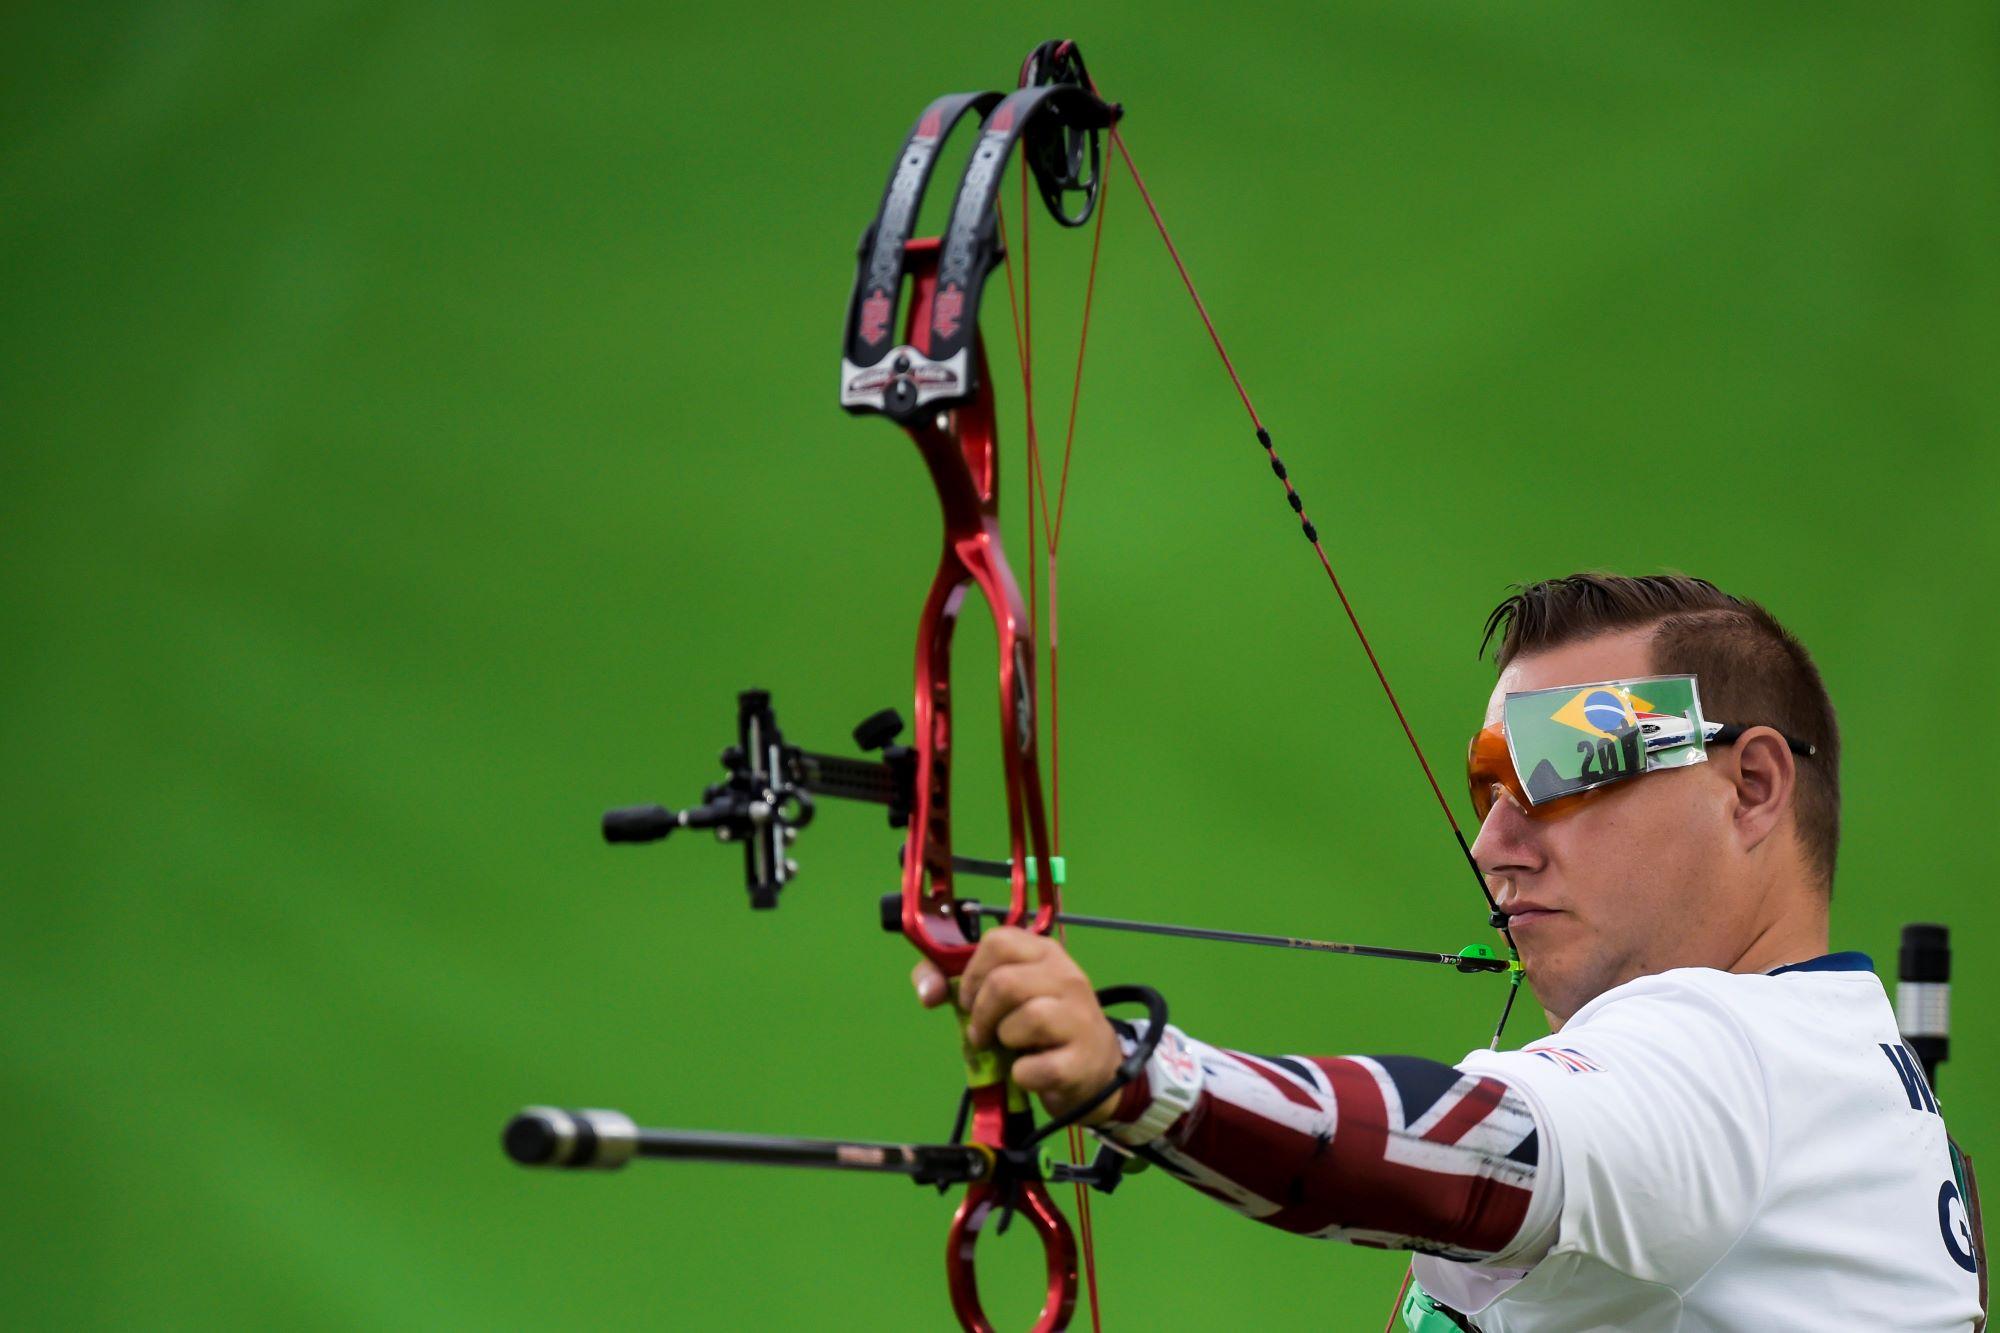 Un athlète tend son arc et s'apprète à tirer